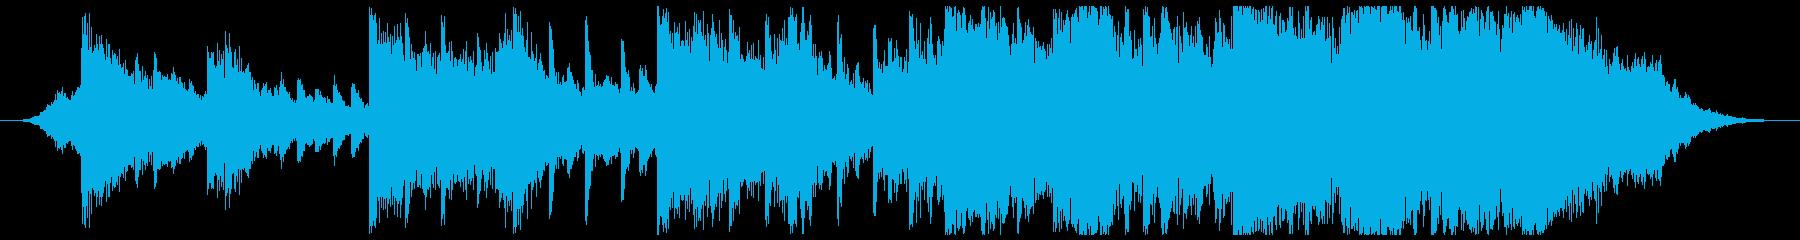 ホラー映画の悲しいBGM-30秒の再生済みの波形